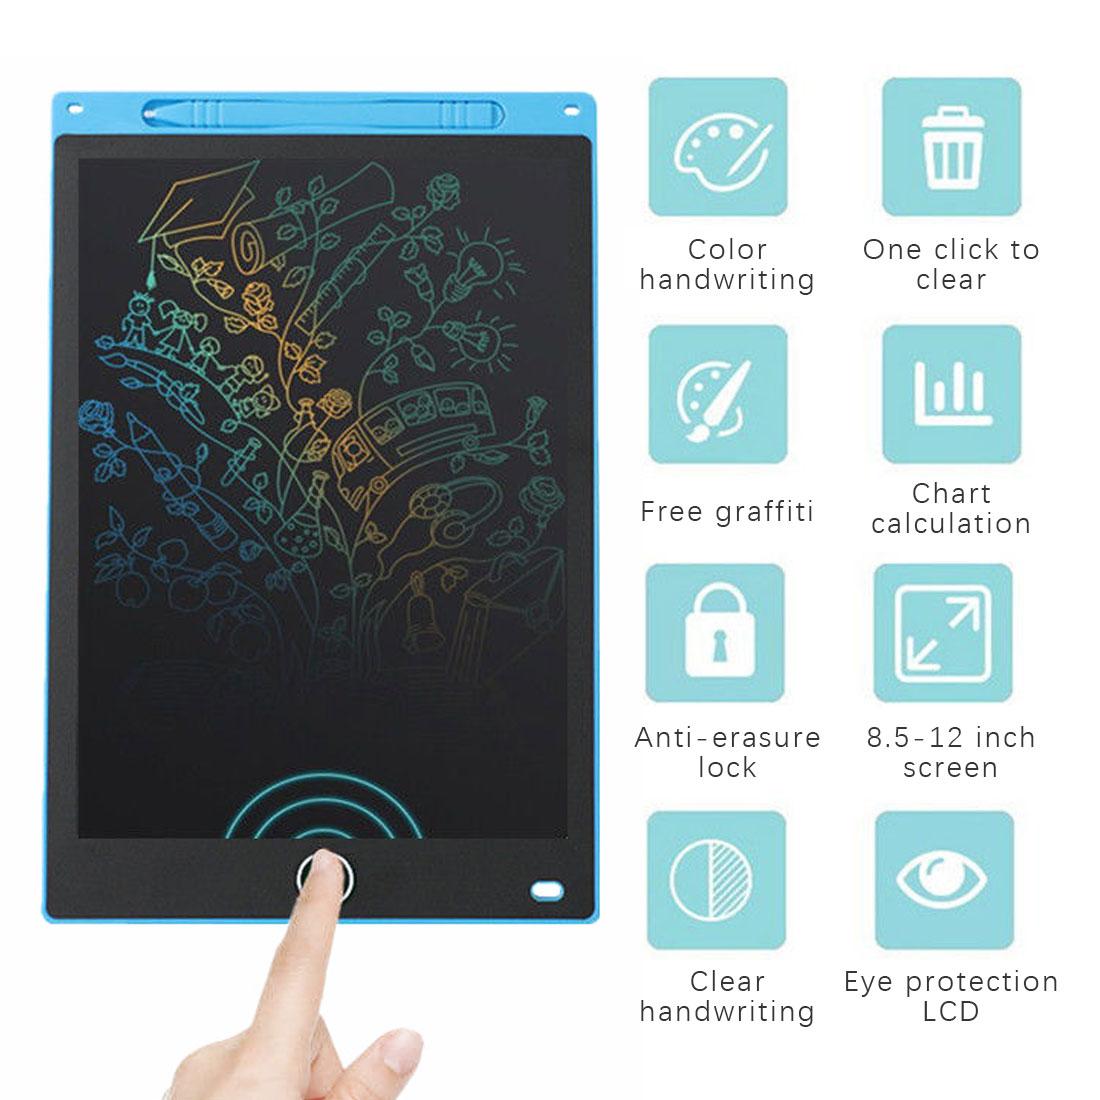 Placa de escrita de 8.5 polegadas lcd placa de desenho digital placa de escrita com caneta portátil tablet eletrônico ultra-fino para crianças gif